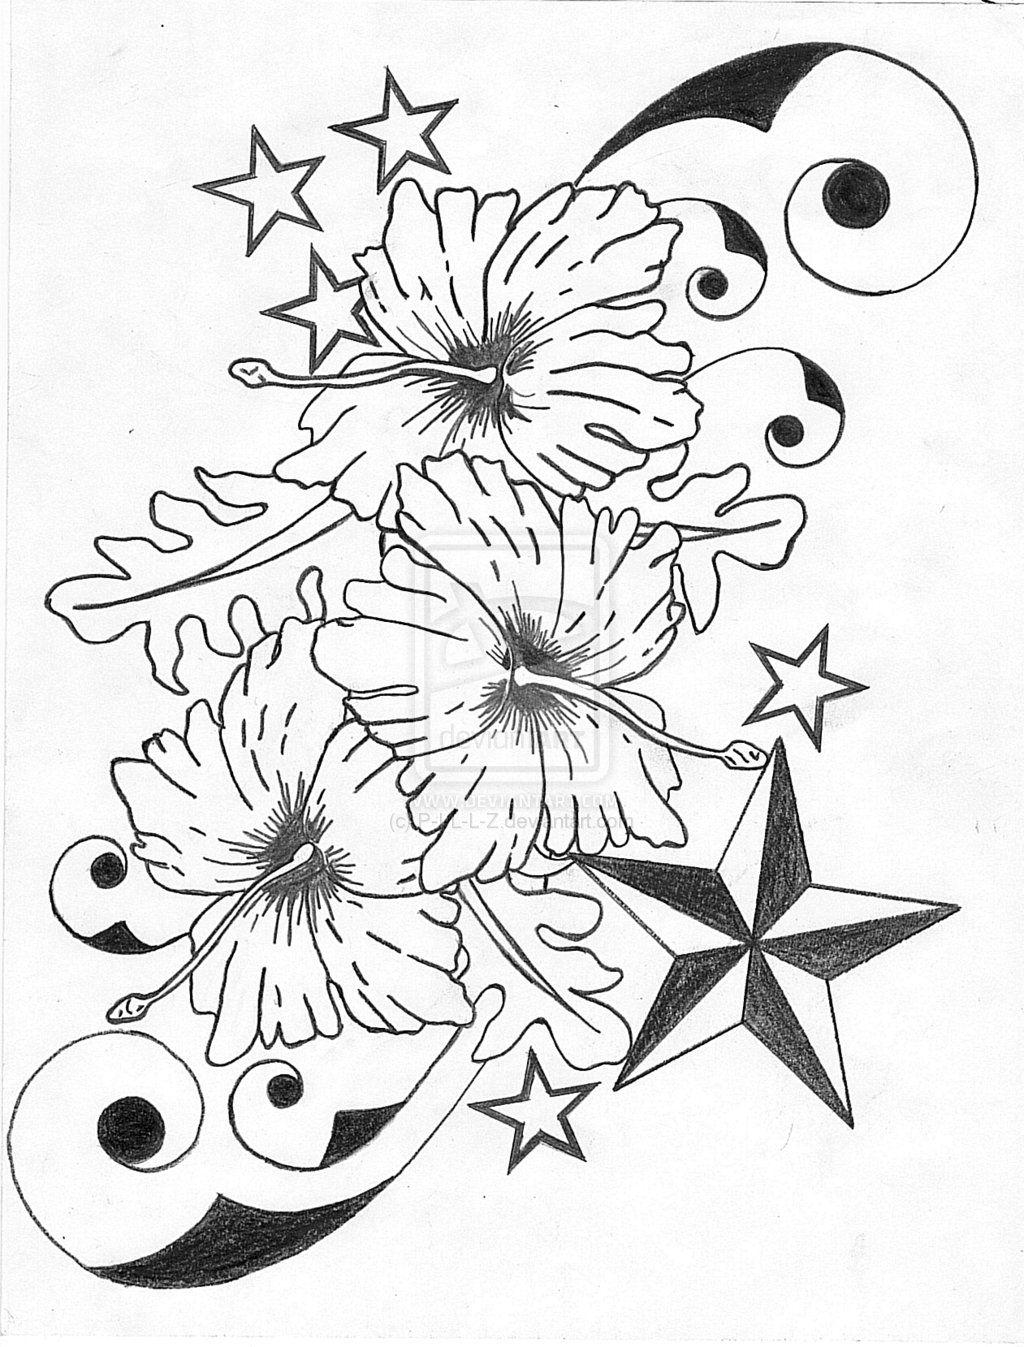 hibiscusflowernnauticalstartattoodesigns.jpg (1024